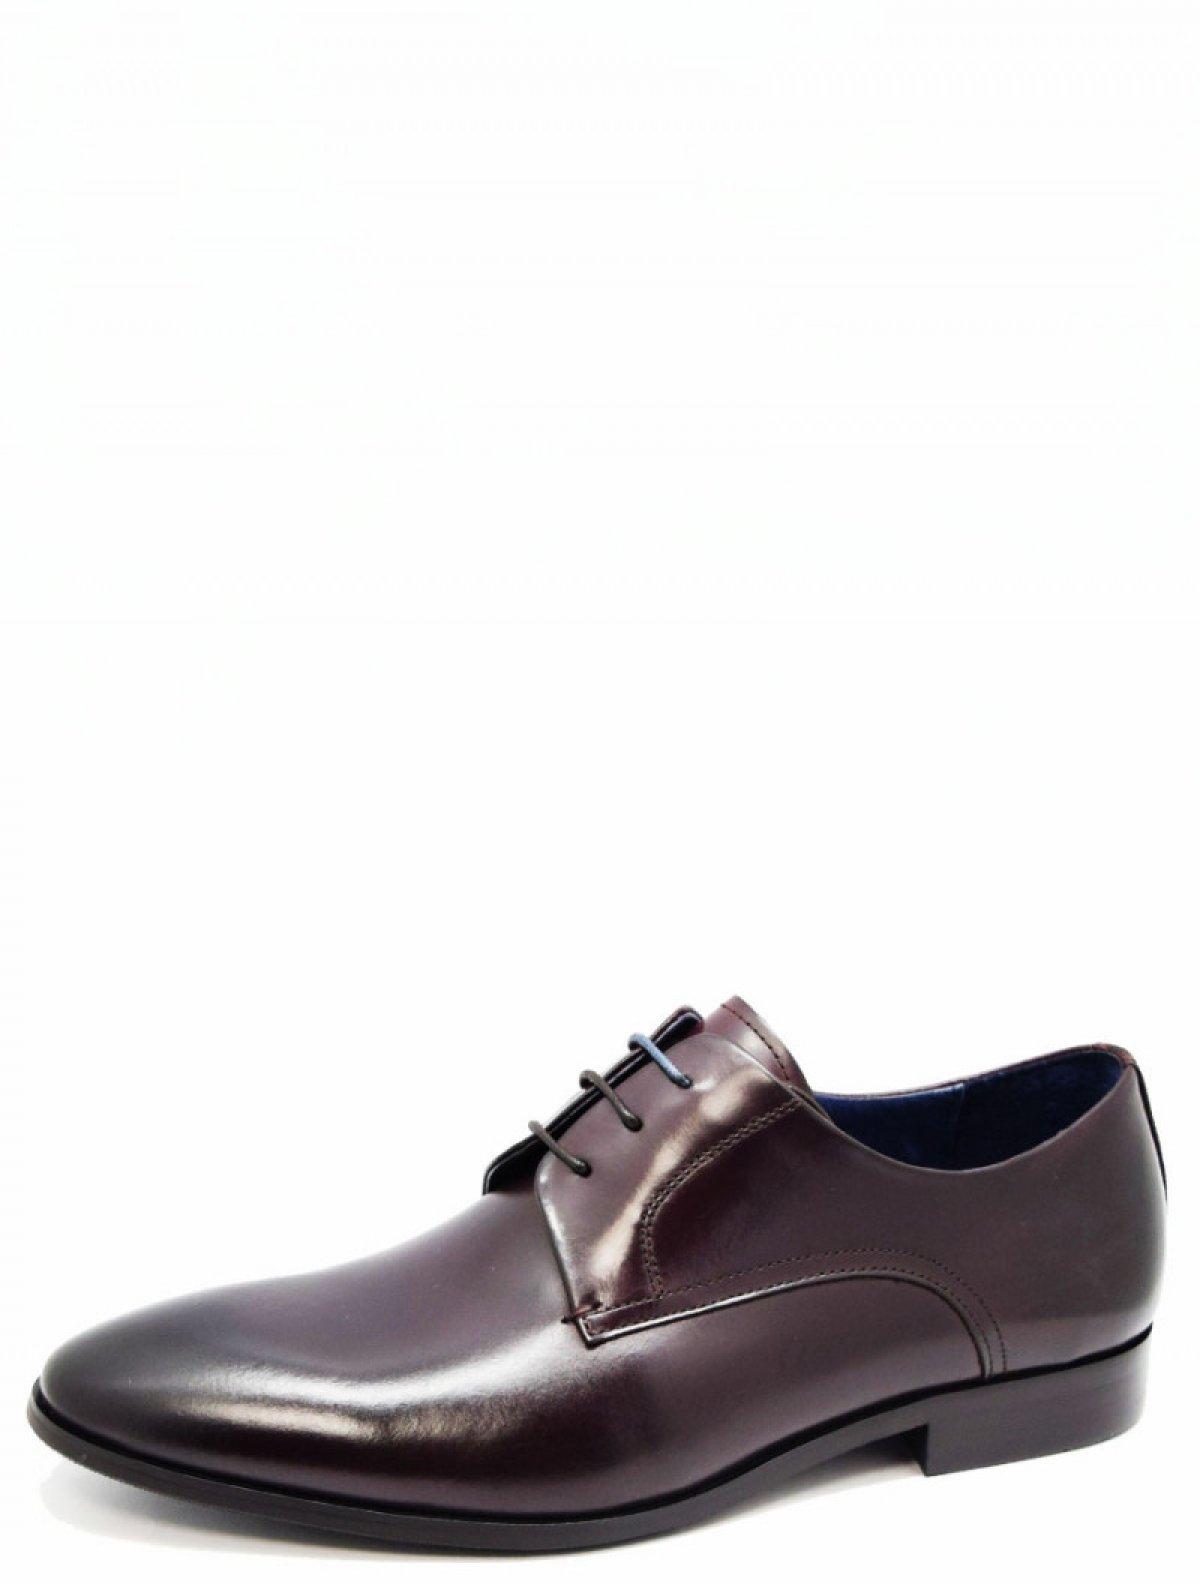 Respect SS83-106441 мужские туфли